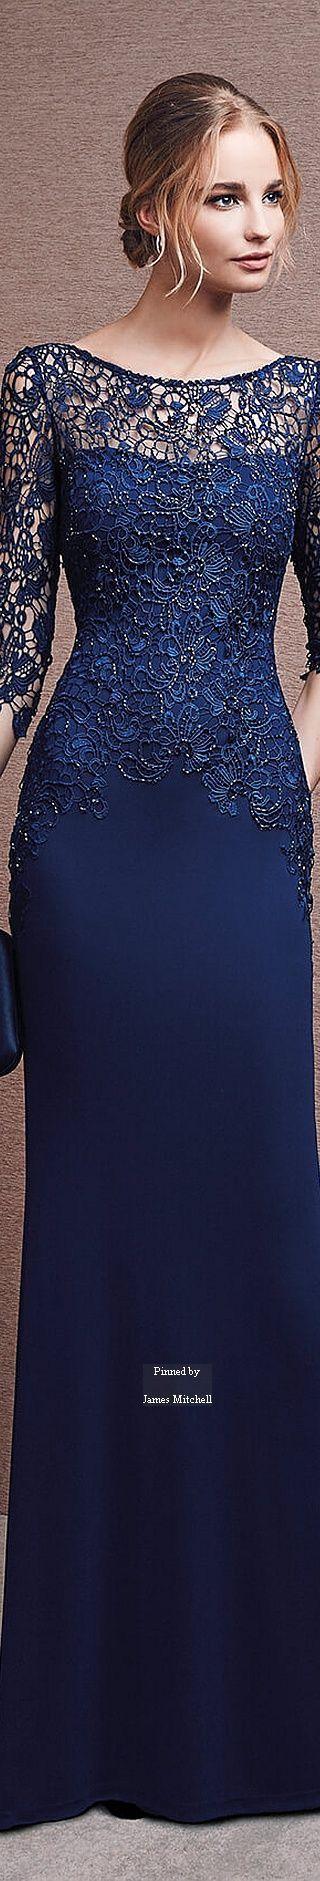 modelos dicas vestidos renda 4